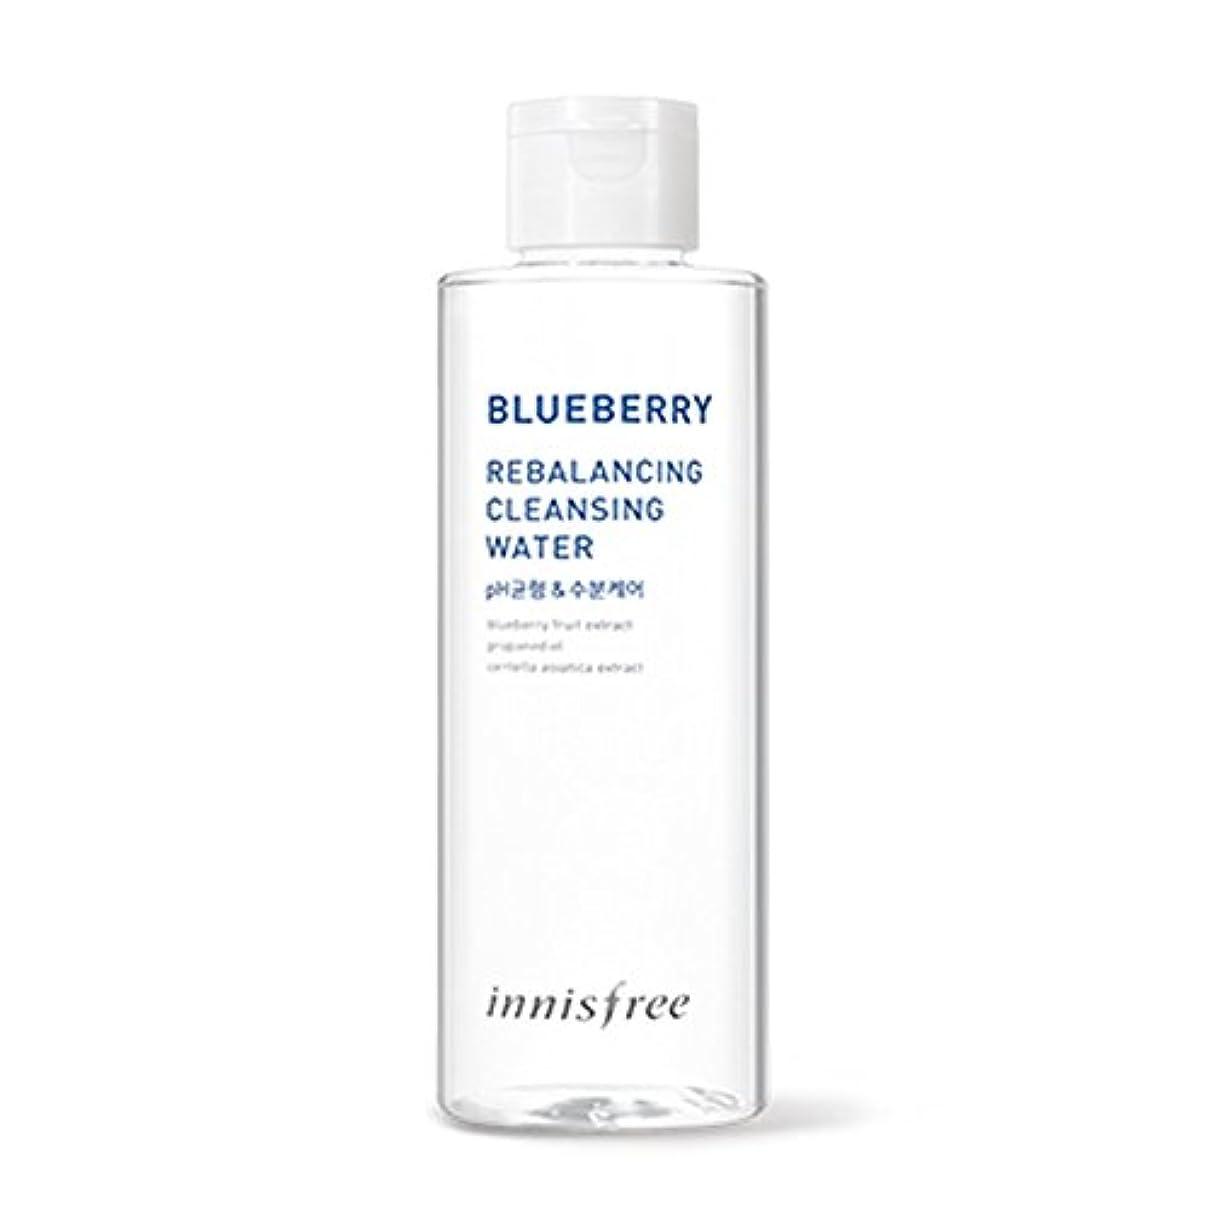 休戦勇者薄汚いイニスフリーブルーベリーリバランシングクレンジングウォーター200ml Innisfree Blueberry Rebalancing Cleansing Water 200ml [海外直送品][並行輸入品]